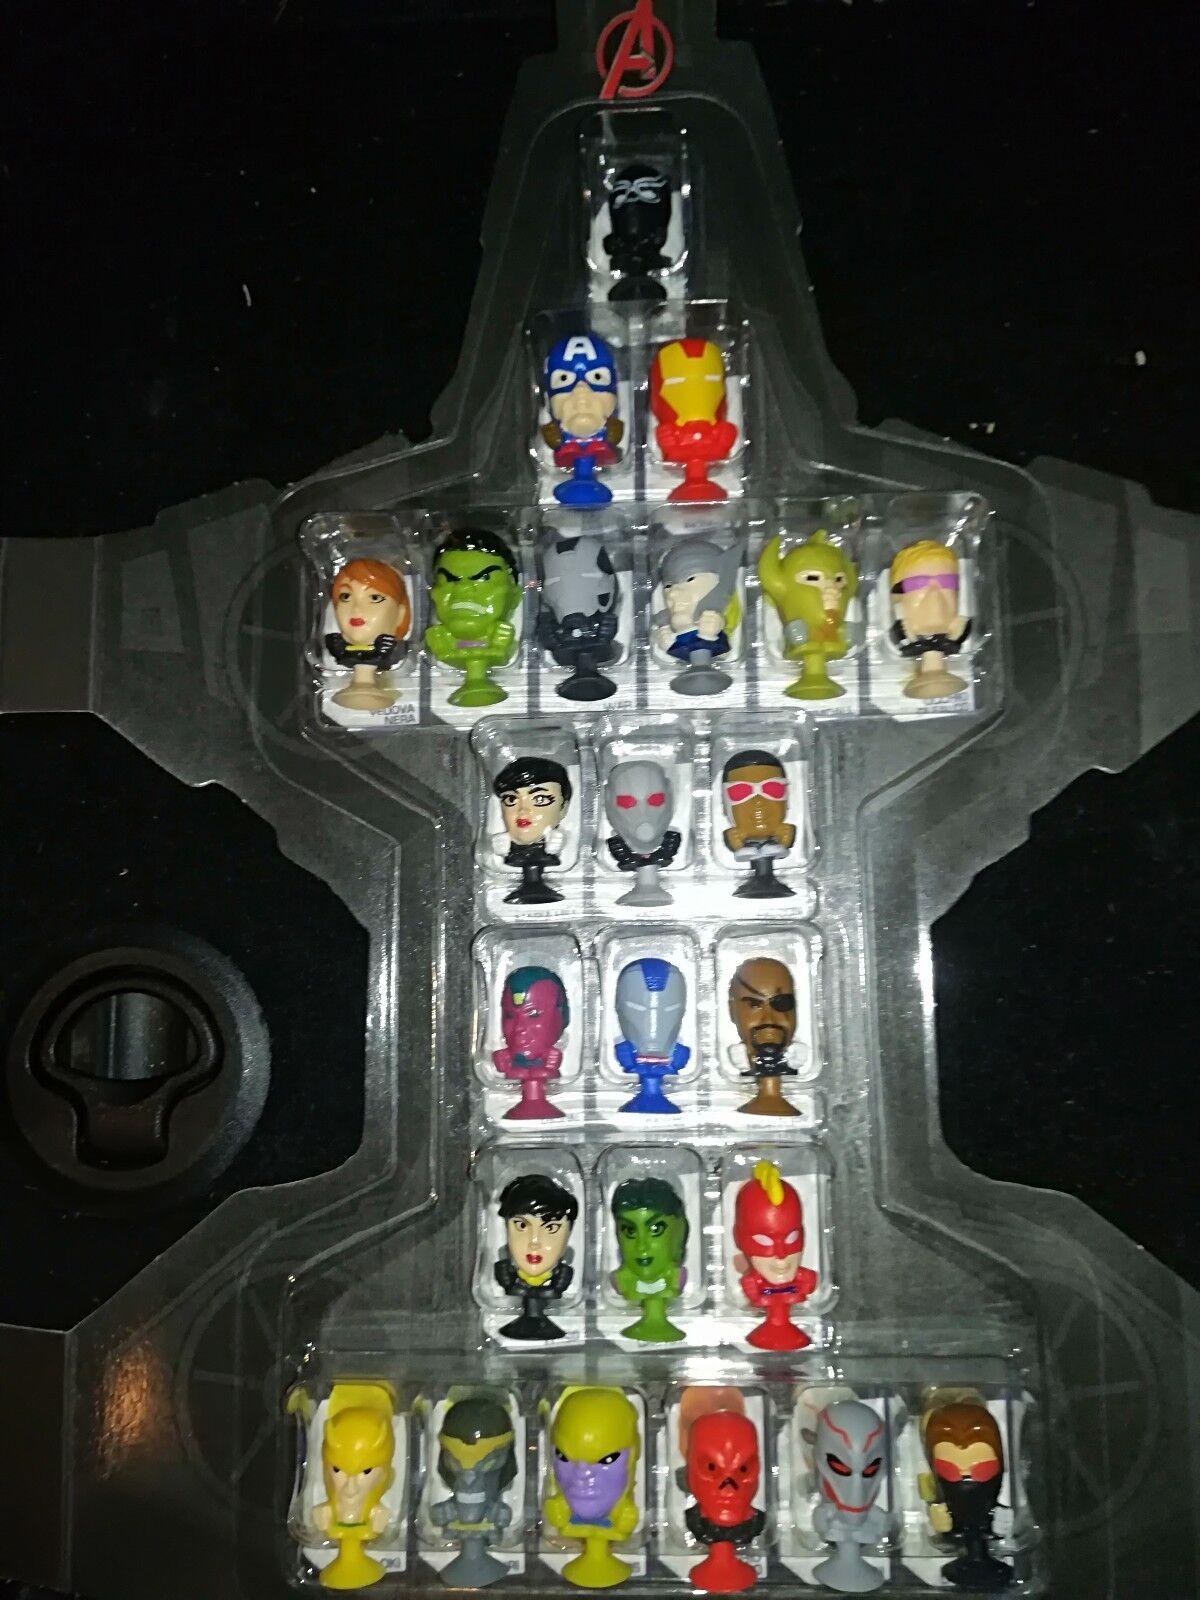 Megapopz marvel avengers komplett ameise mann thor  captain america ultron